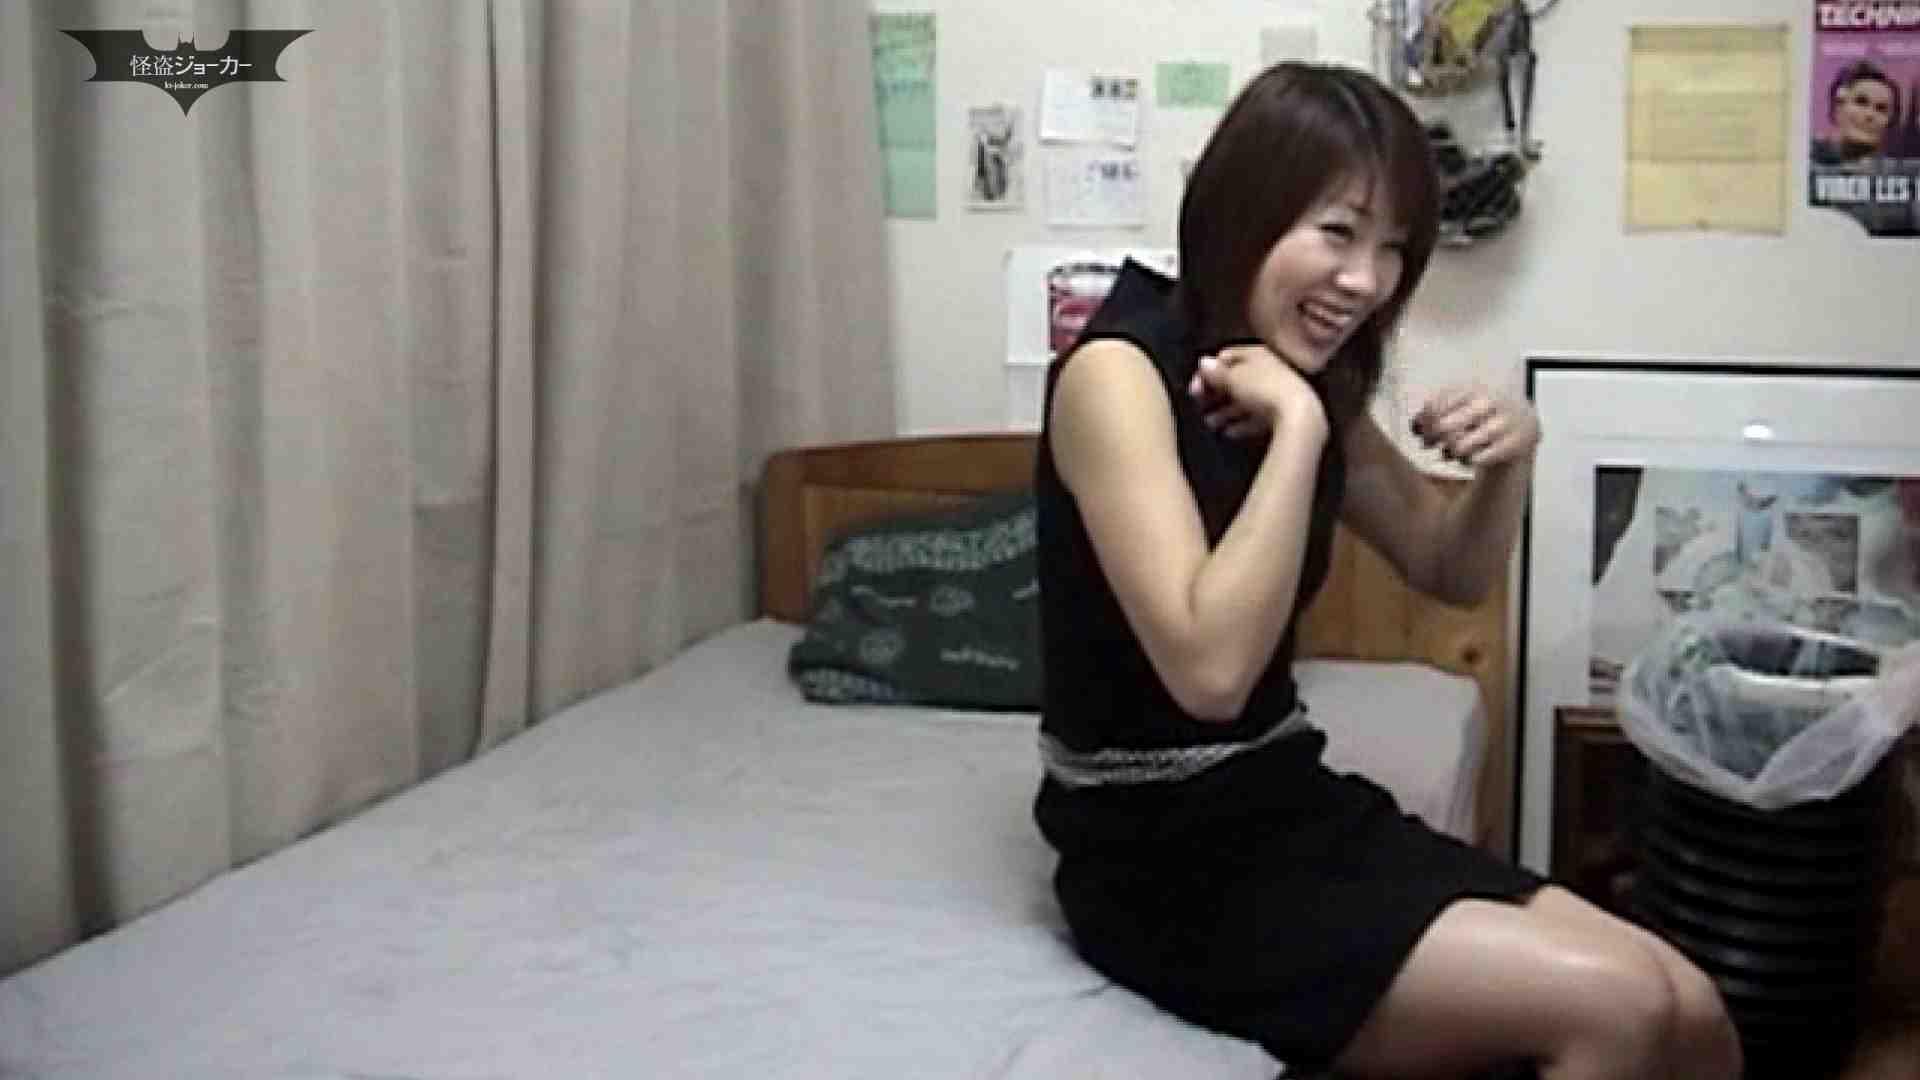 素人女良を部屋に連れ込み隠し撮りSEX!! その⑫ キャンペンガール はるな 素人まとめ | 桃色乳首  48画像 14